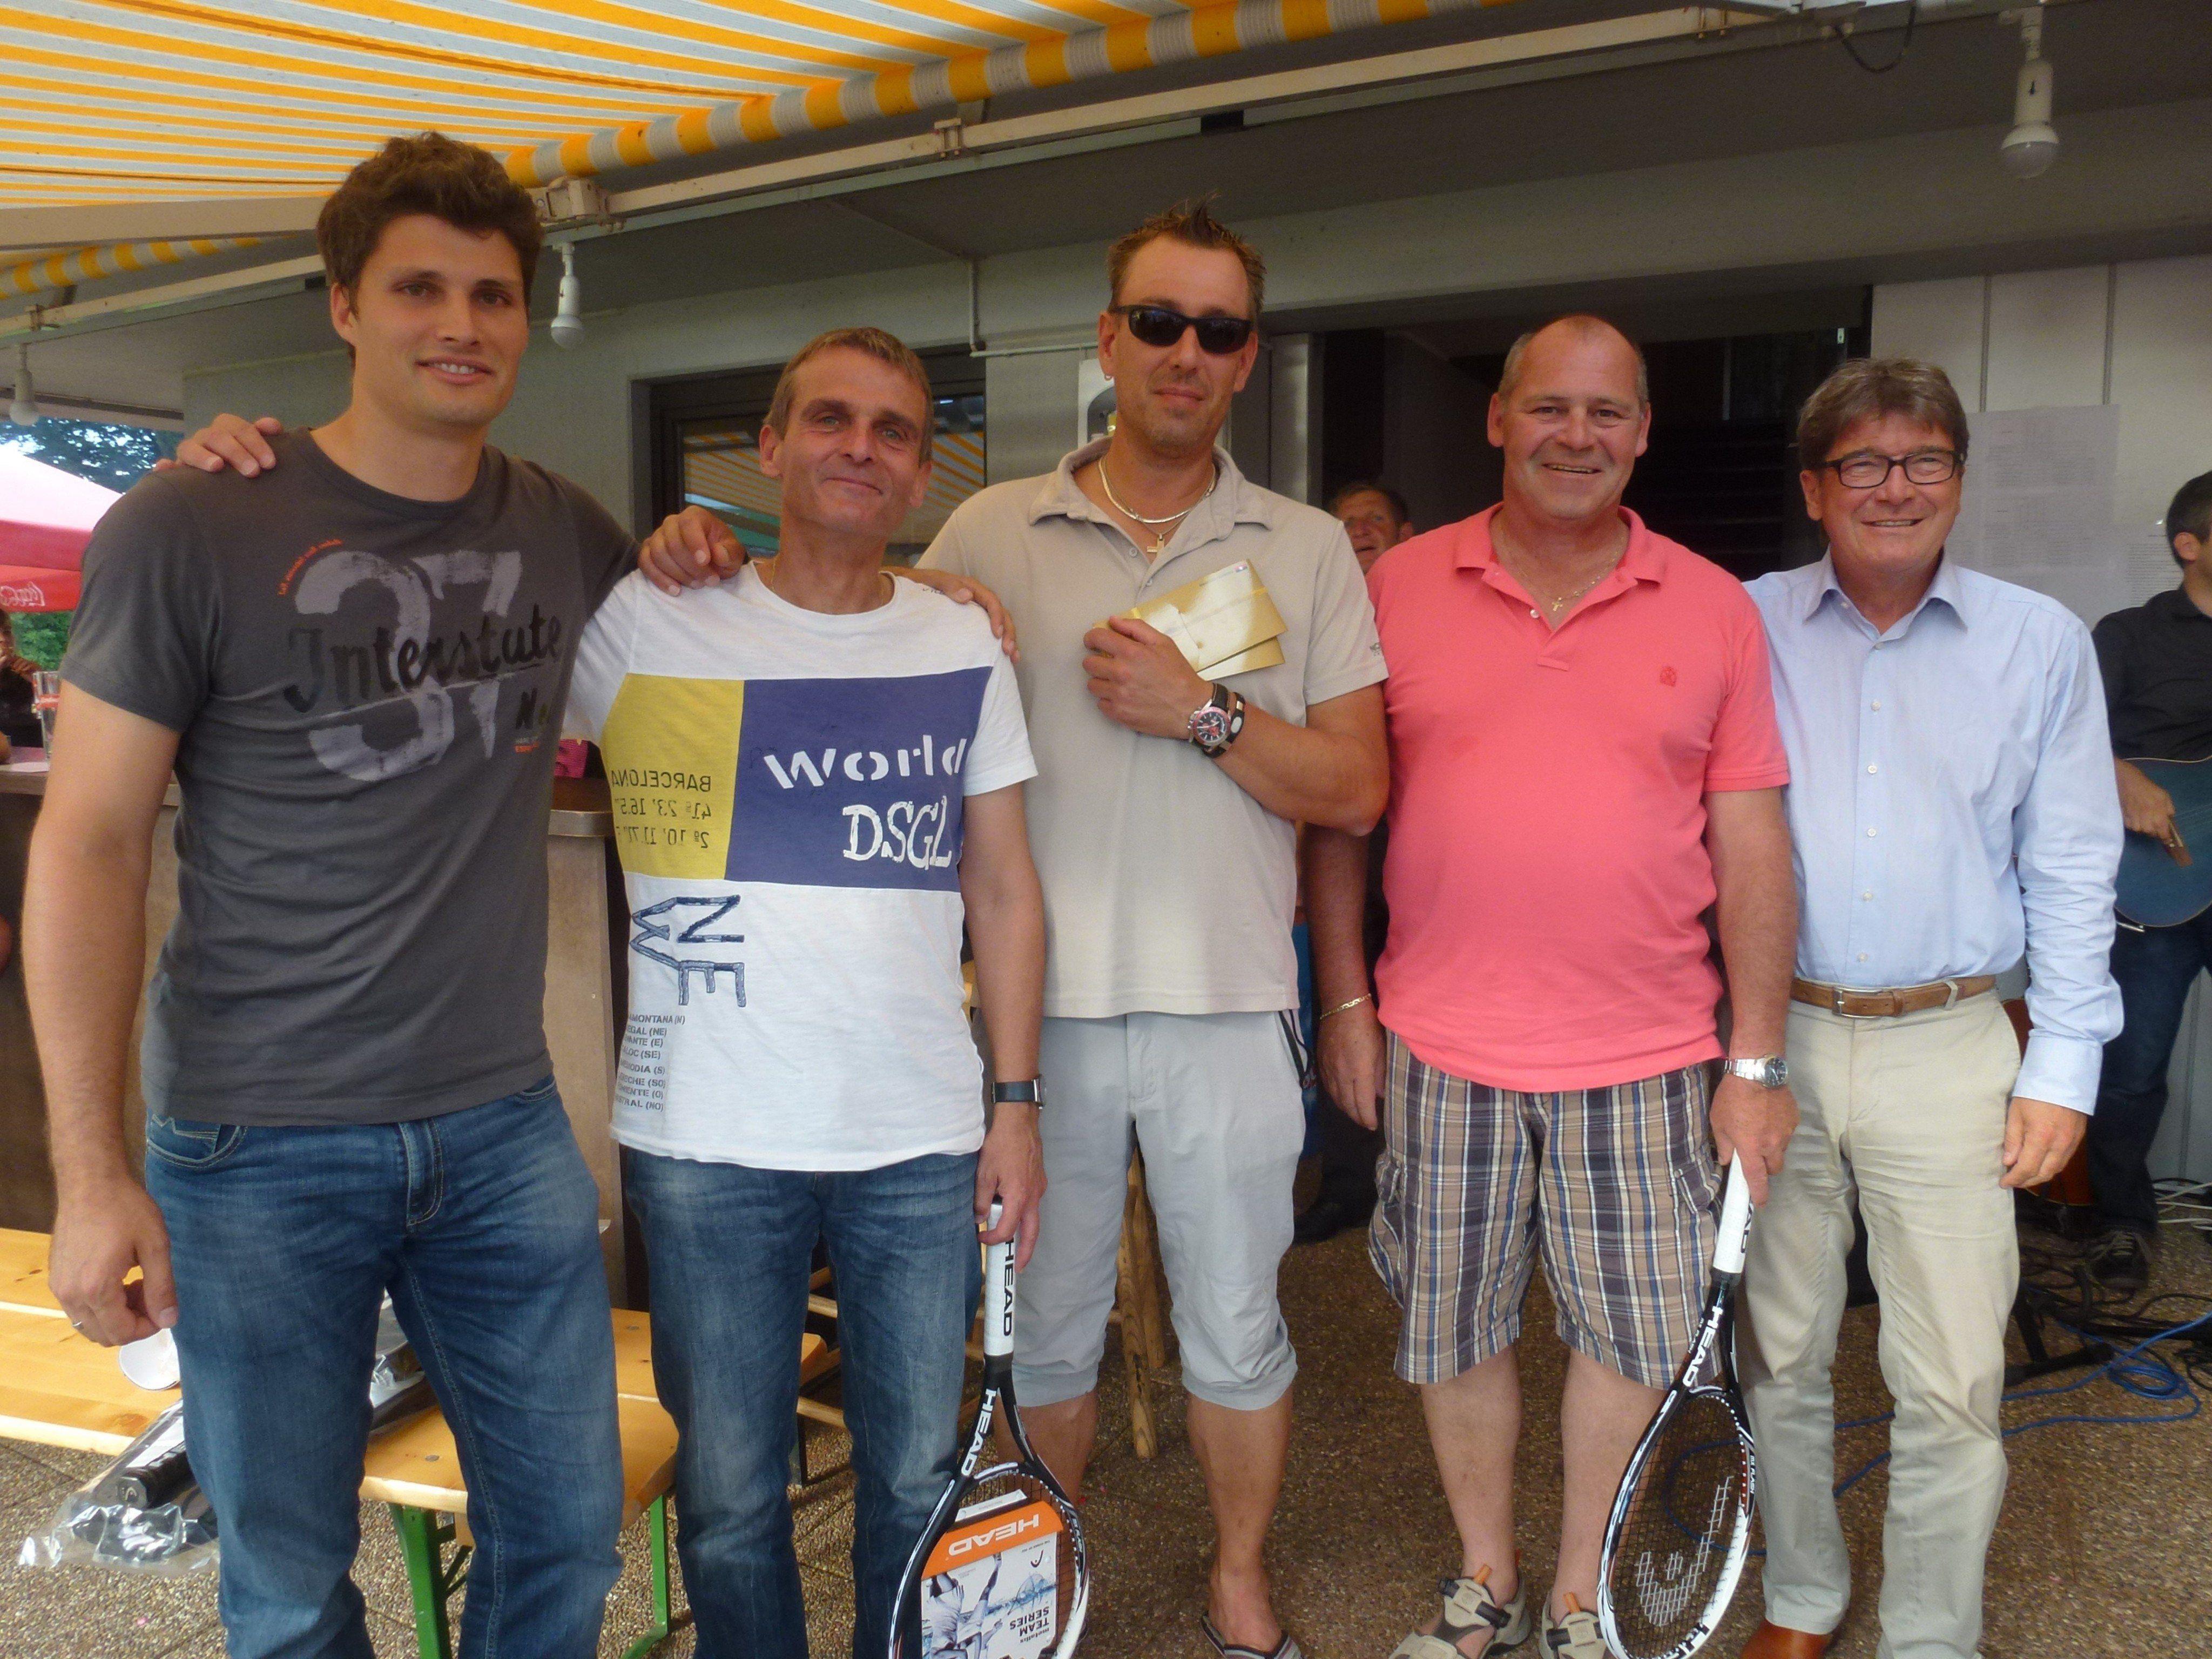 Sportwart Benjamin Gschließer, Michael Kessler, Markus Huber, Helmut Gorbach, Präsident Willi Muzyczyn - Finalisten